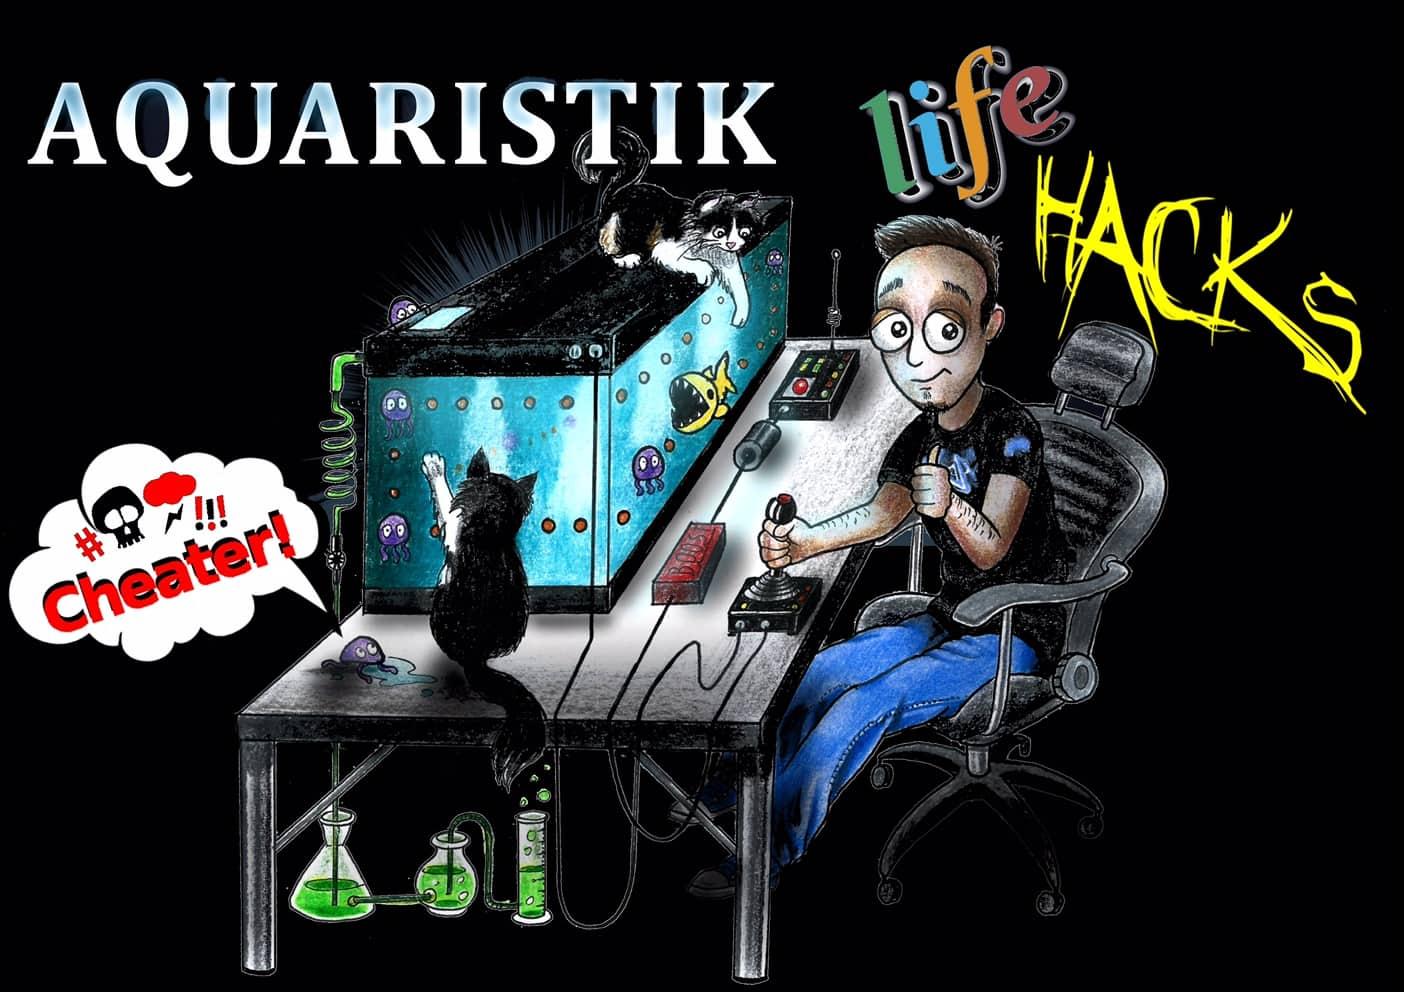 Podcast Episode #106: Aquaristik auf YouTube mit Tobis Aquaristikexzesse (Tobias Buchheit) 3